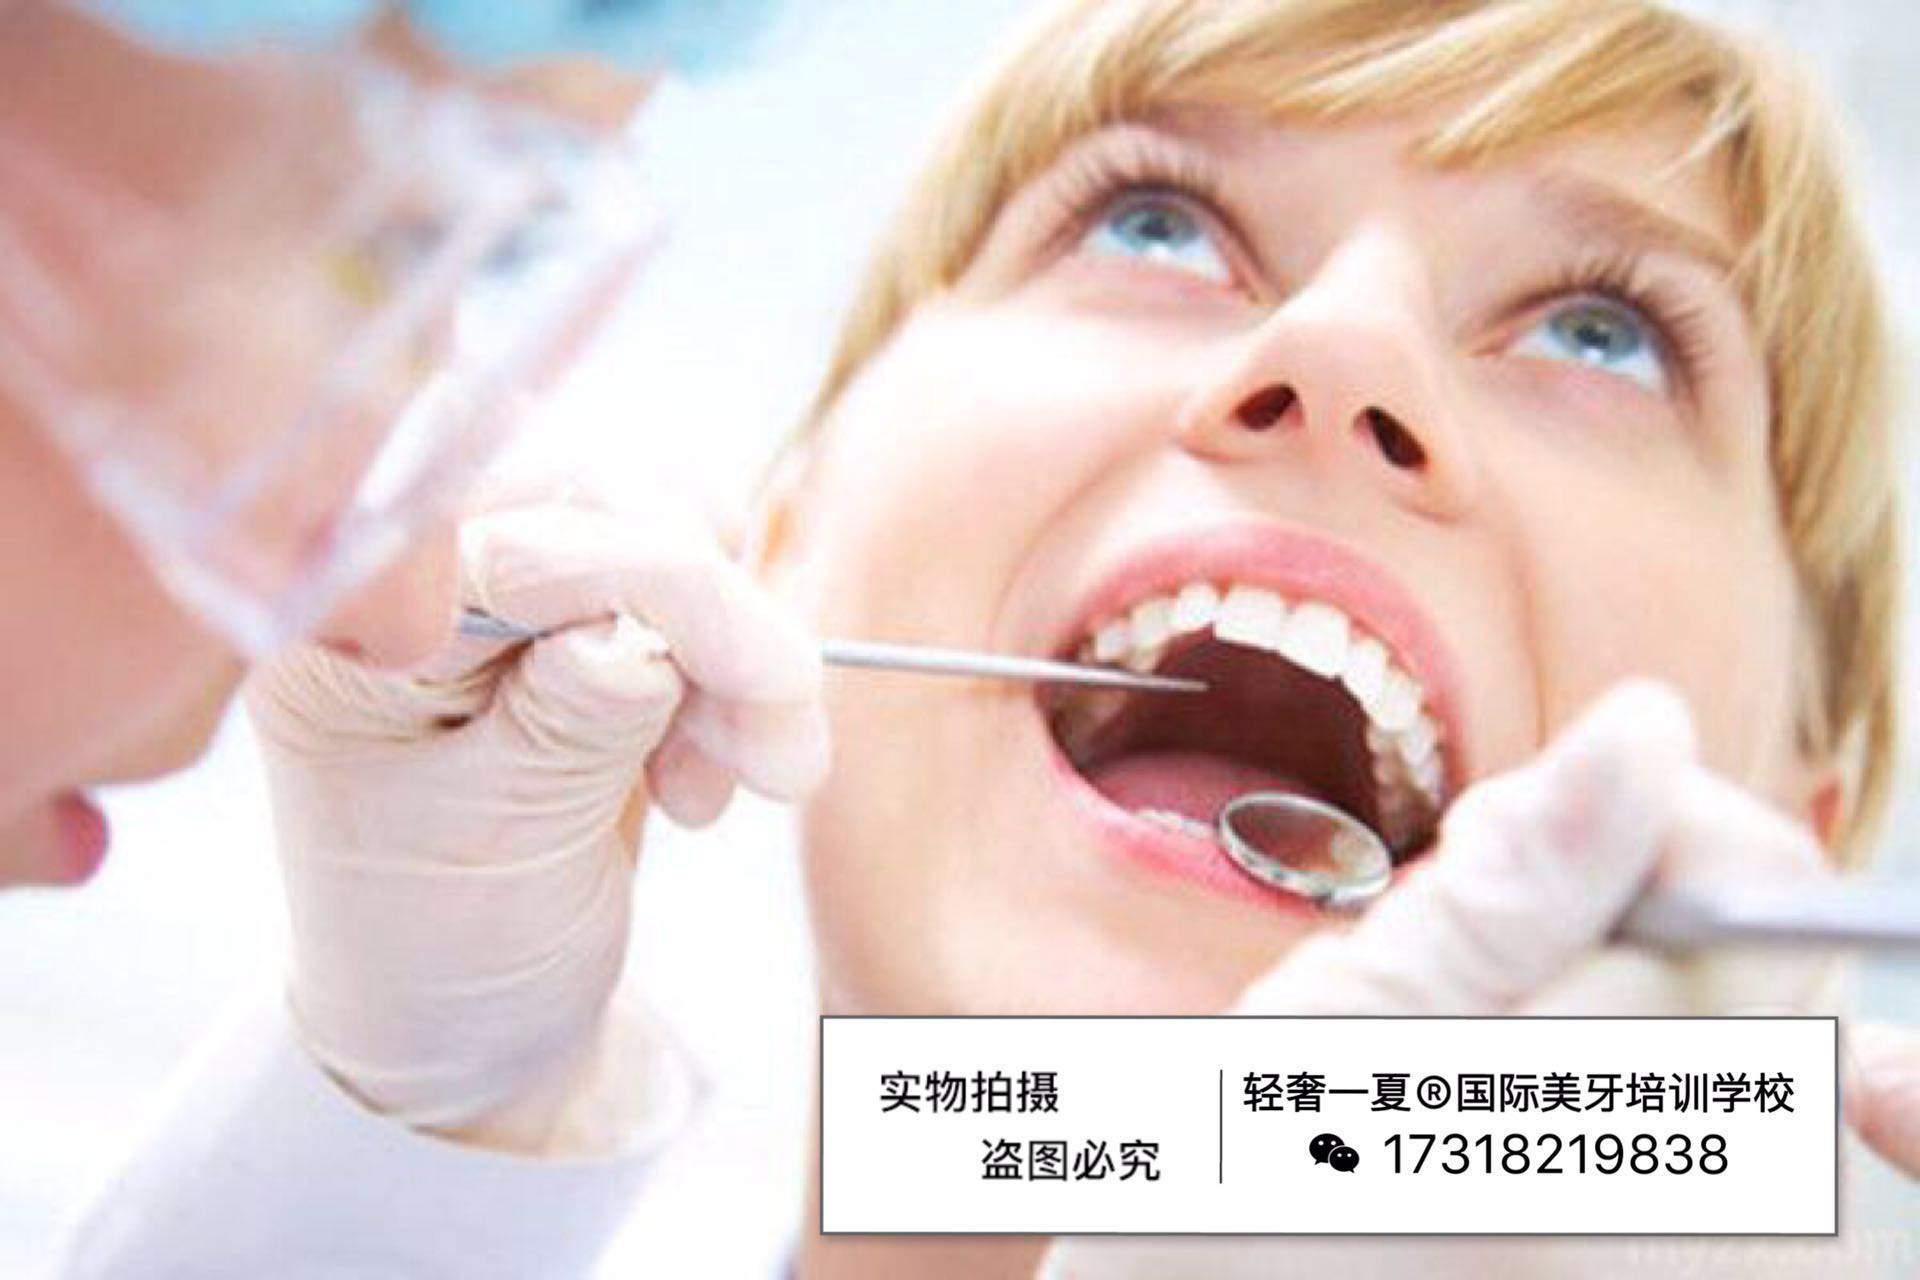 牙科专业洗牙全能班培训